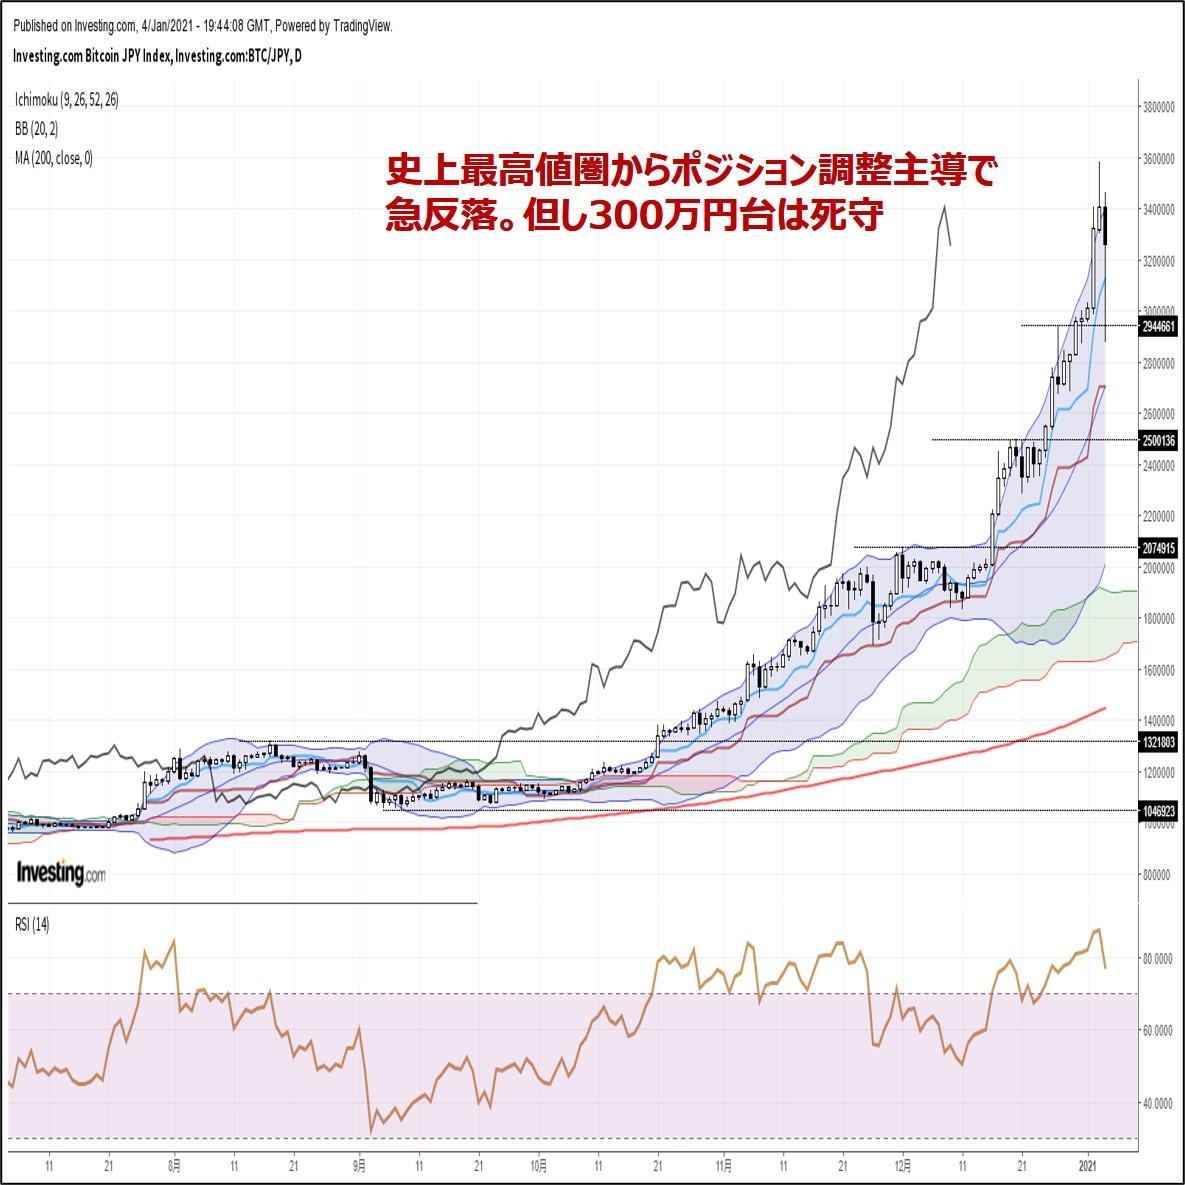 ビットコイン円、史上最高値圏からポジション調整主導で急反落。一時大台割れ(1/5朝)